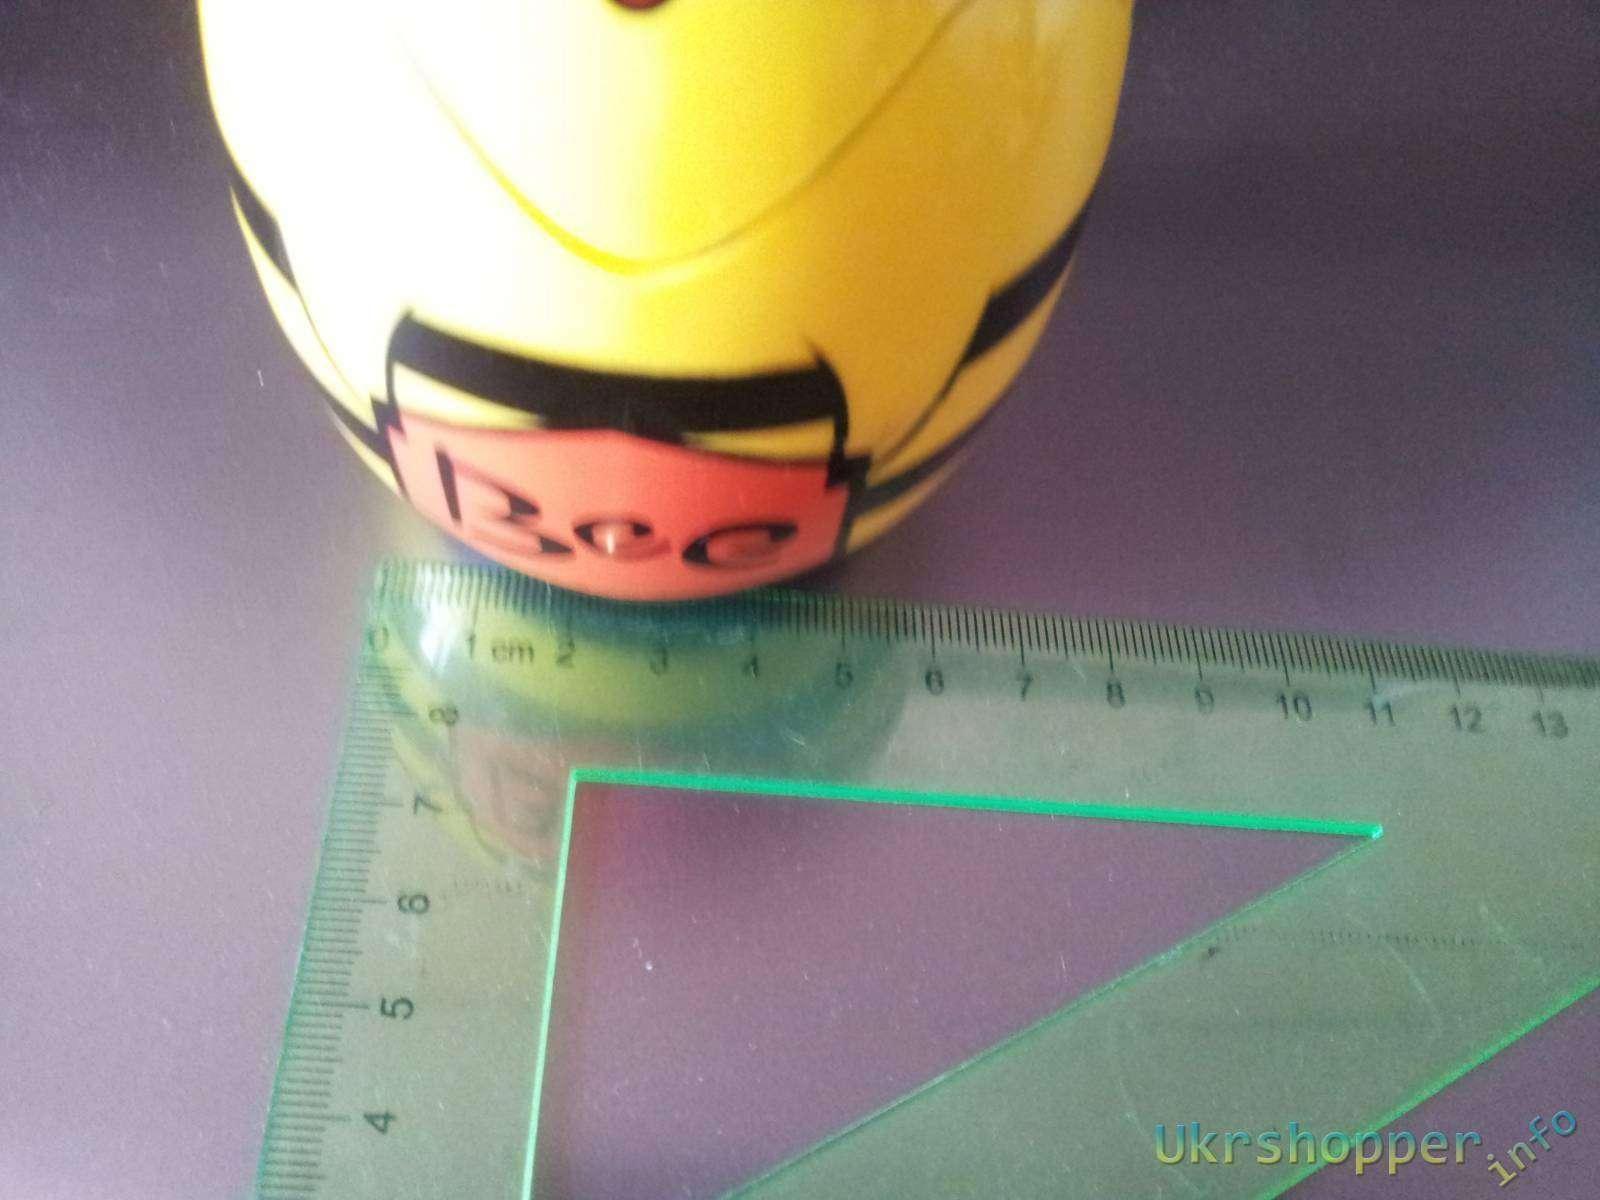 TinyDeal: Обзор 4 канального квадрокоптера ВЕСЕЛОЕ ЯЙЦО на радиоуправлении с 6 осевым гироскопом